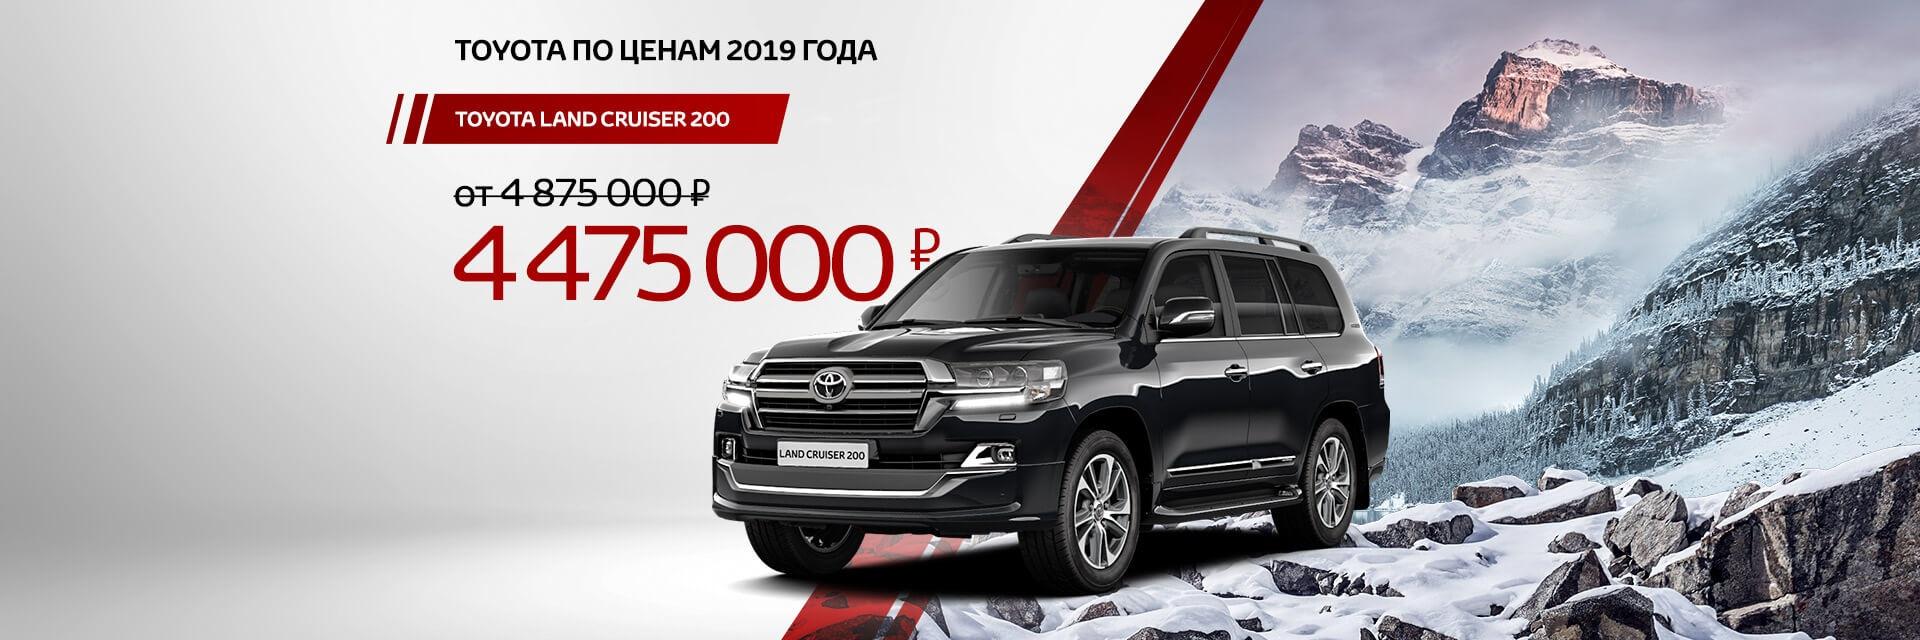 Авто в кредит в москве онлайн онлайн кредит наличными в нягани